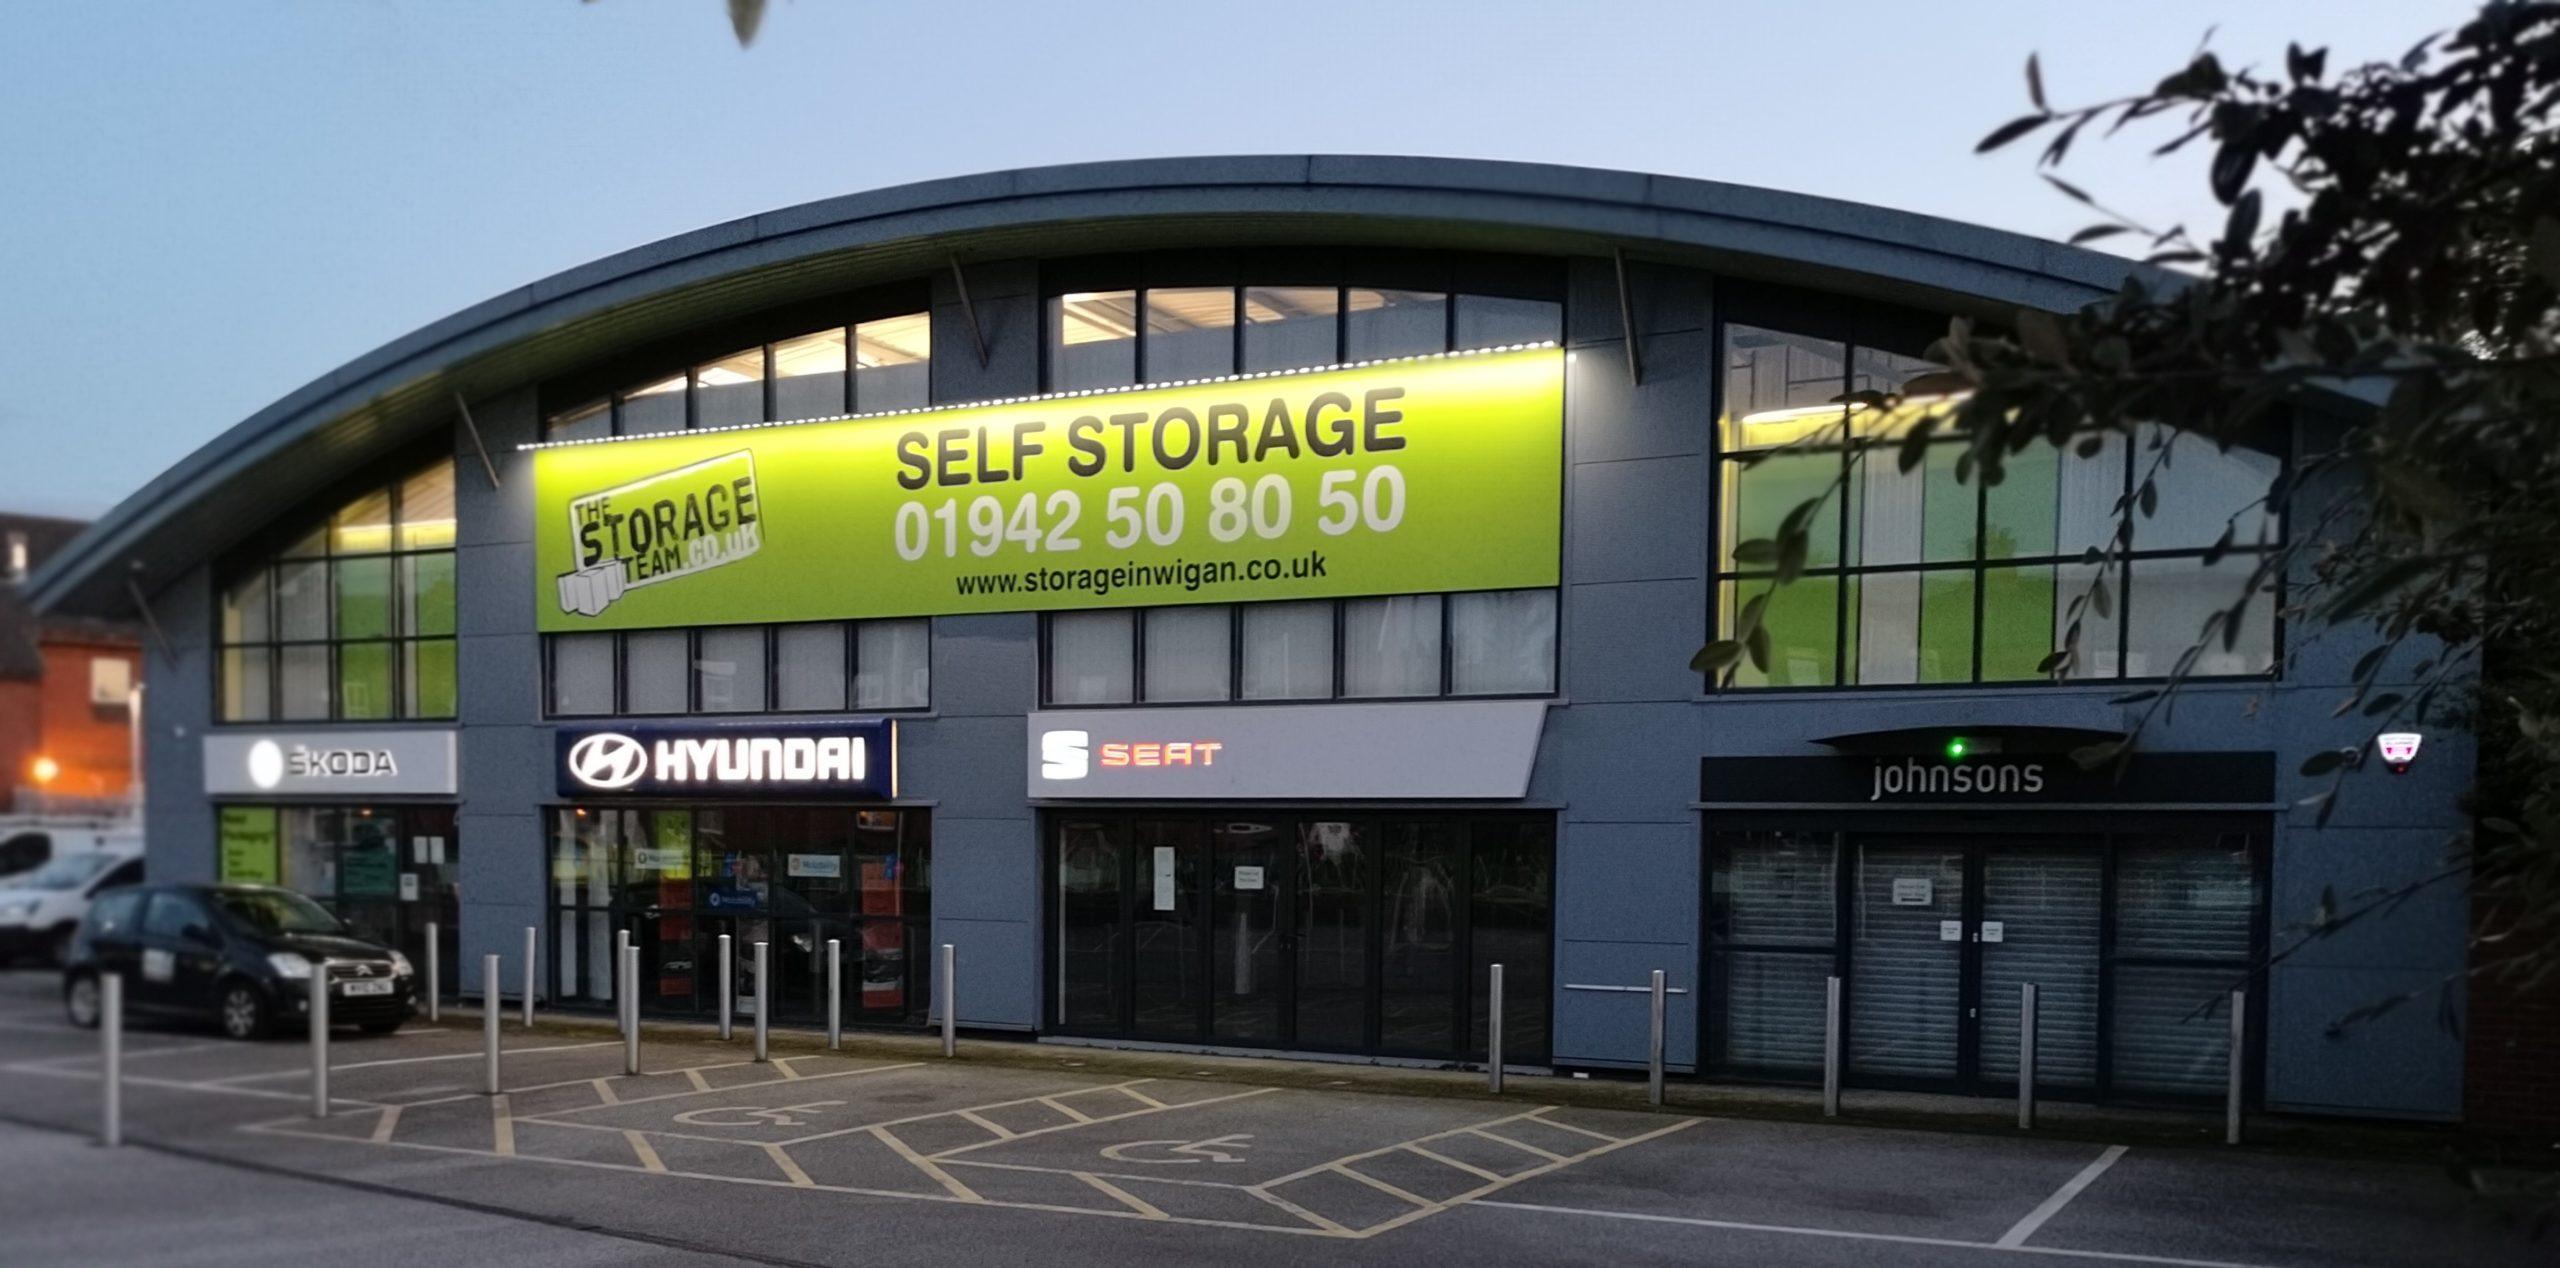 Storage Units Wigan - The Storage Team